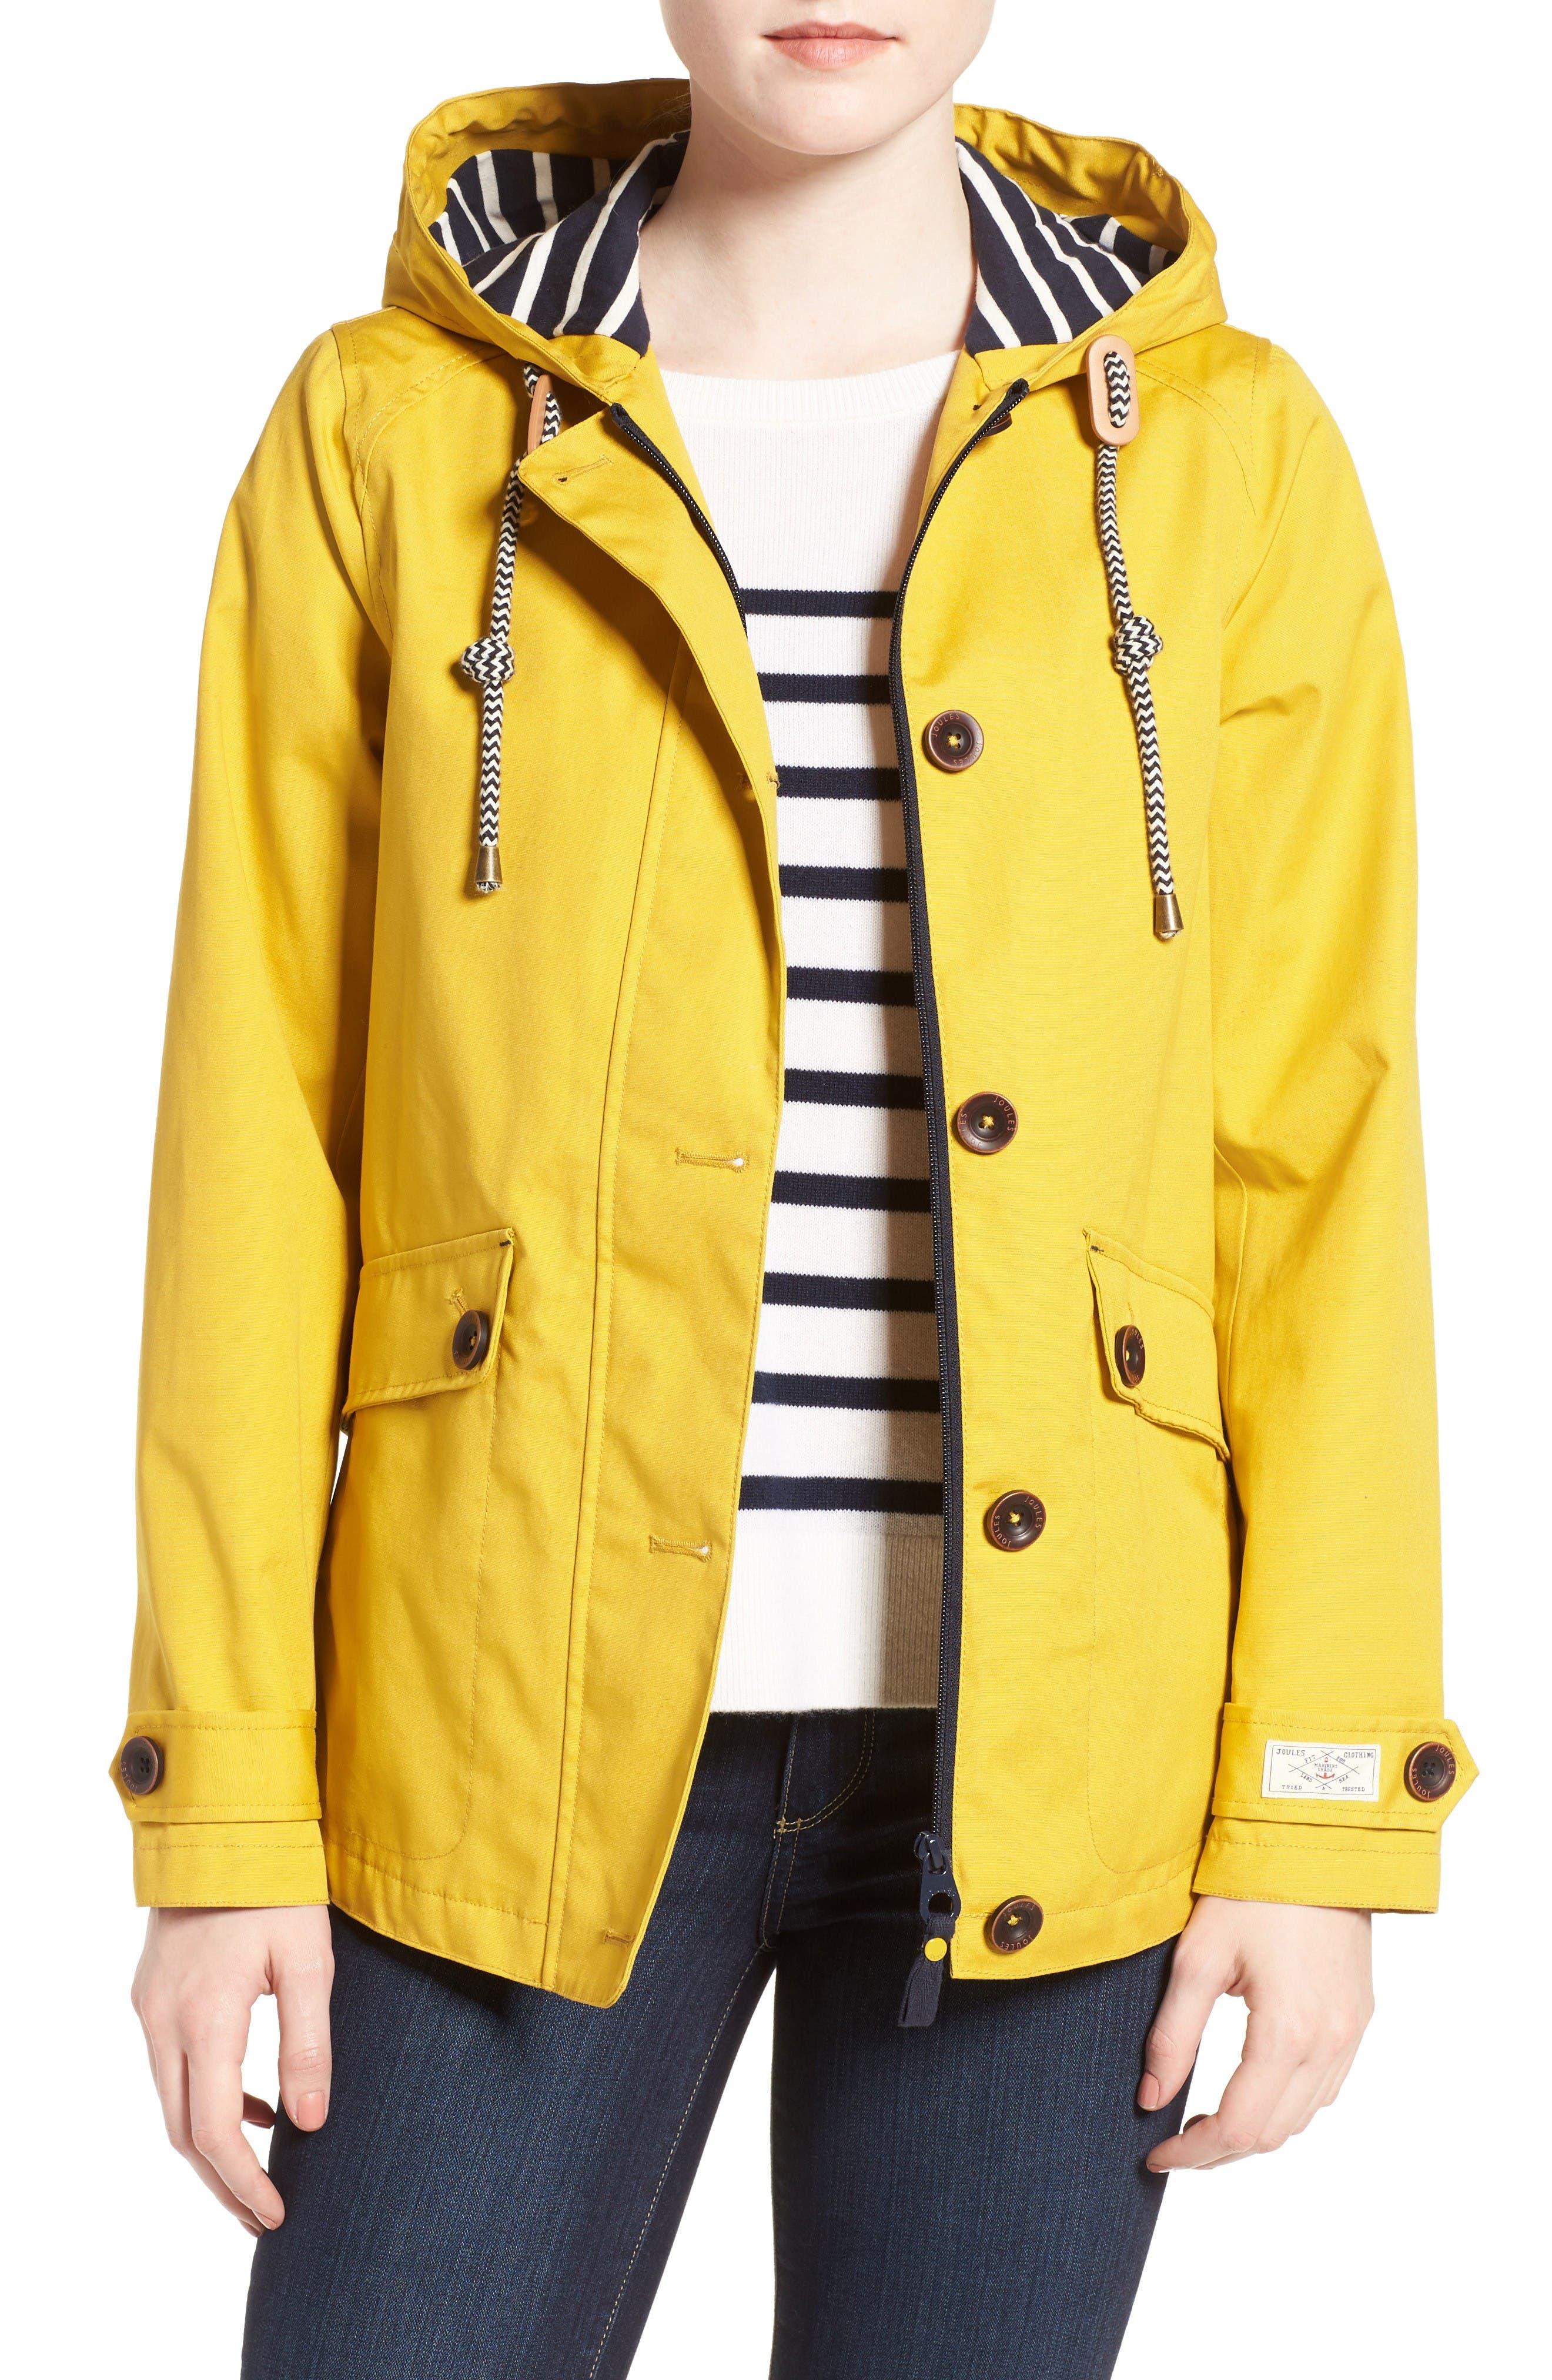 Alternate Image 1 Selected - Joules Right as Rain Waterproof Hooded Jacket